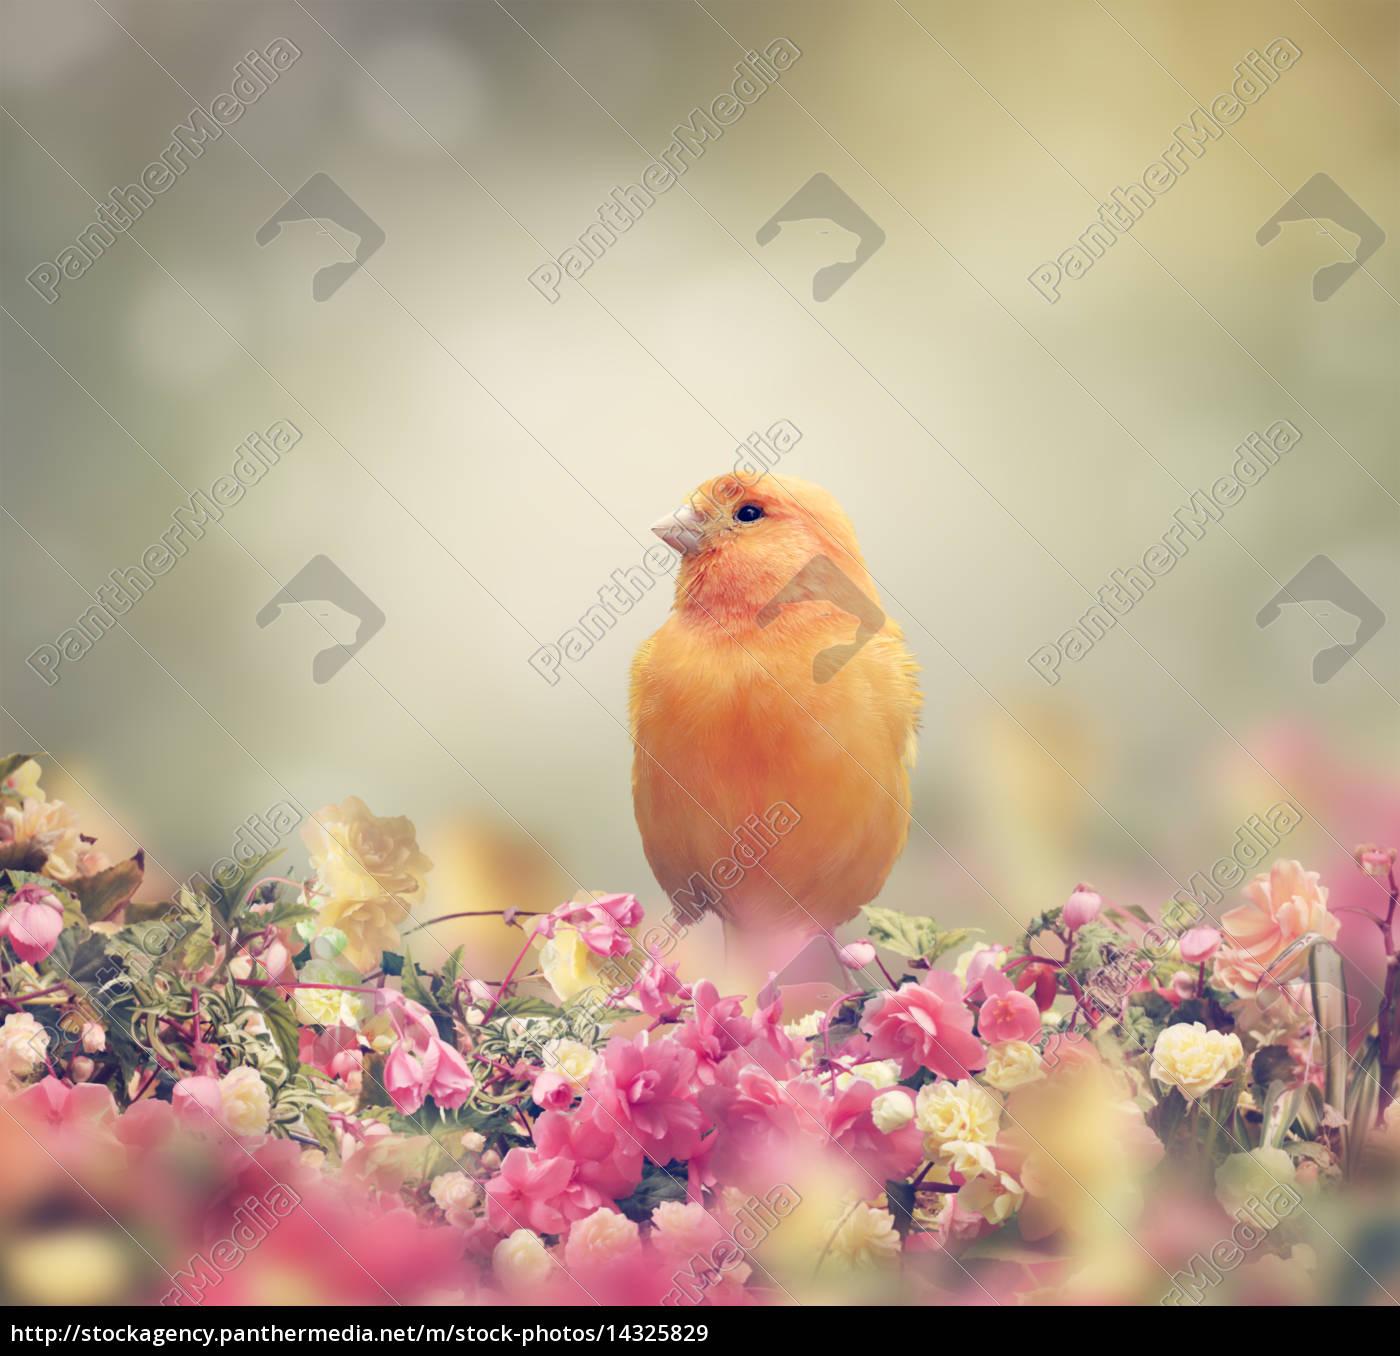 yellow, bird - 14325829